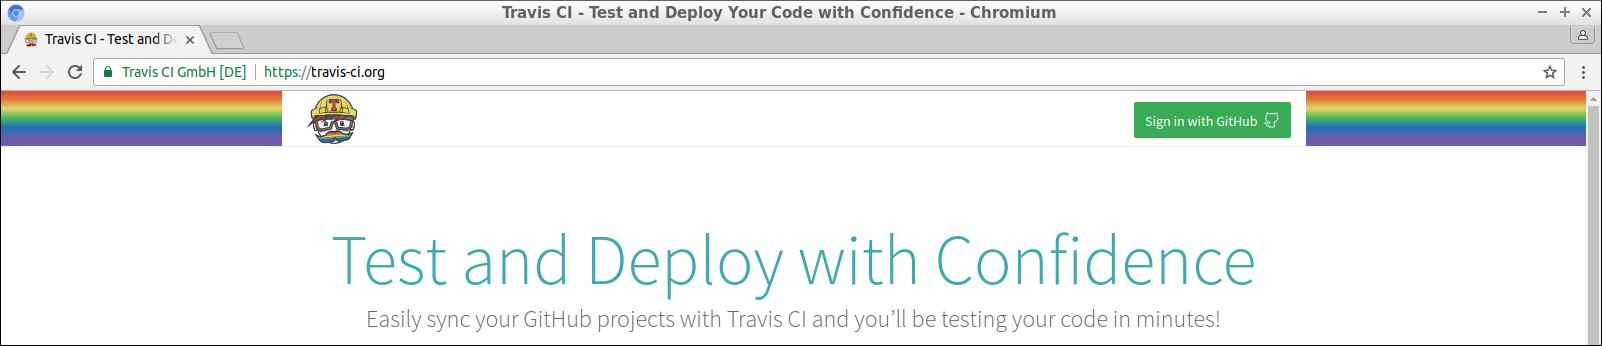 Travis homepage